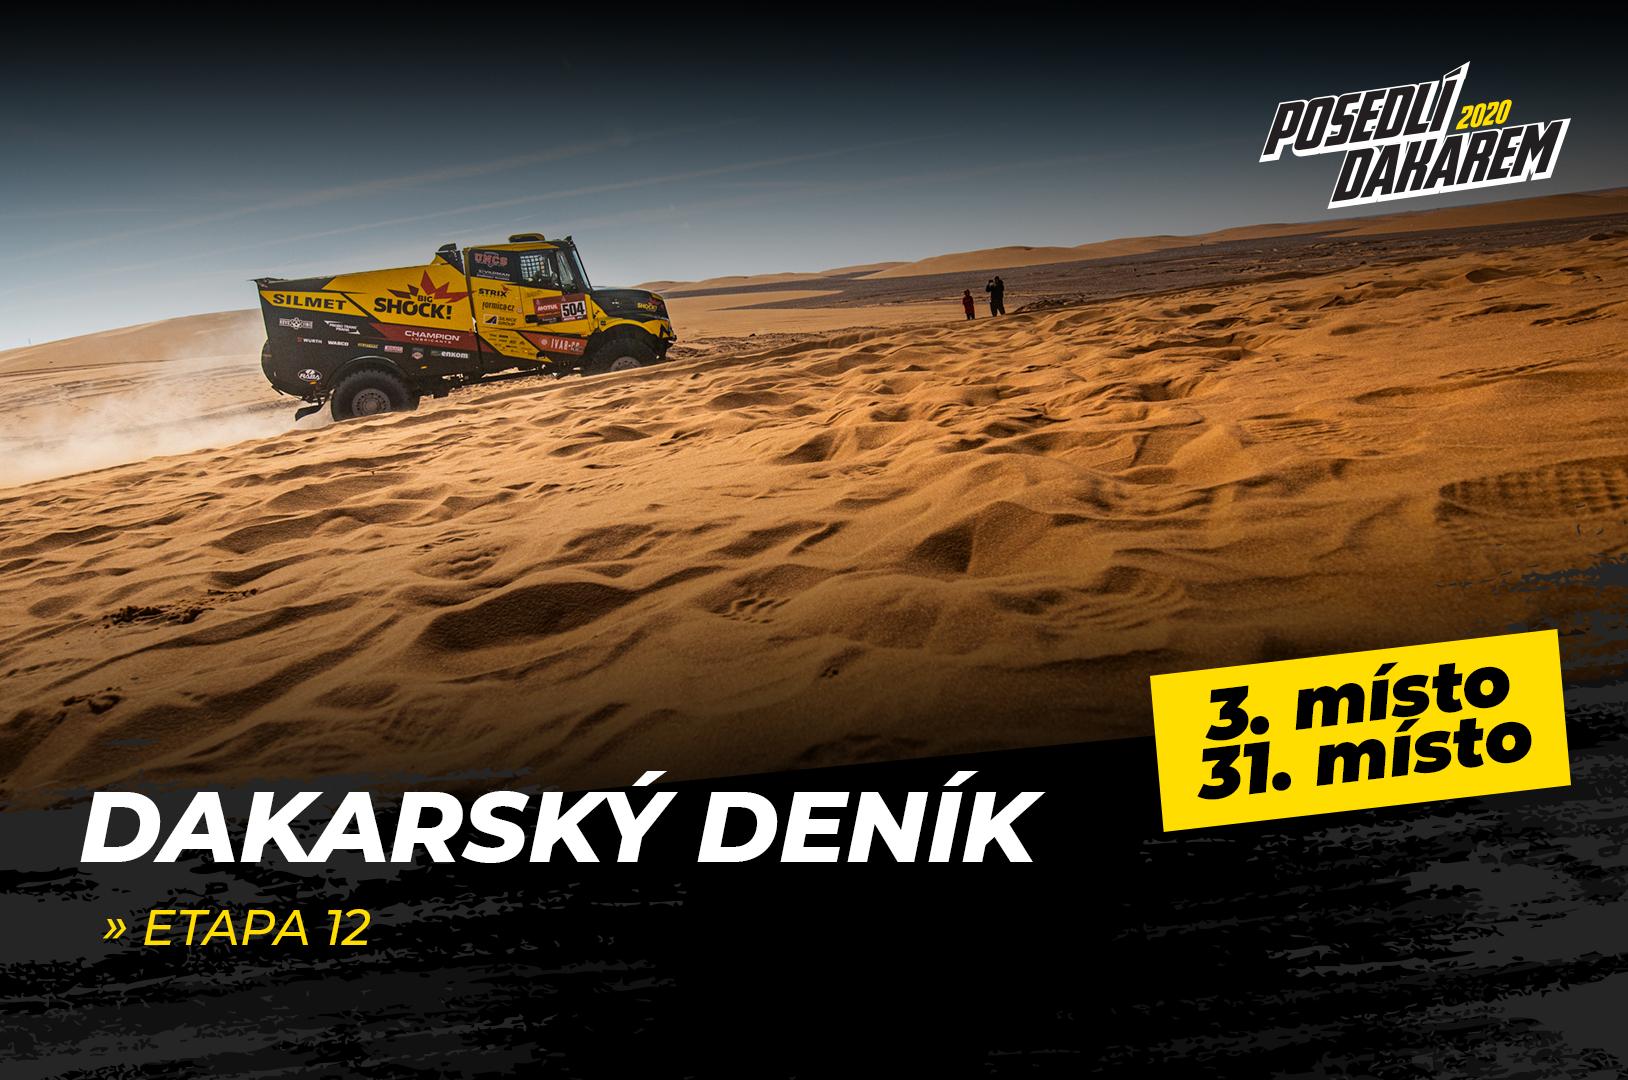 Dakarský deník – 12. etapa – bronz, TOP 5 a nemožný, který se stalo možným!